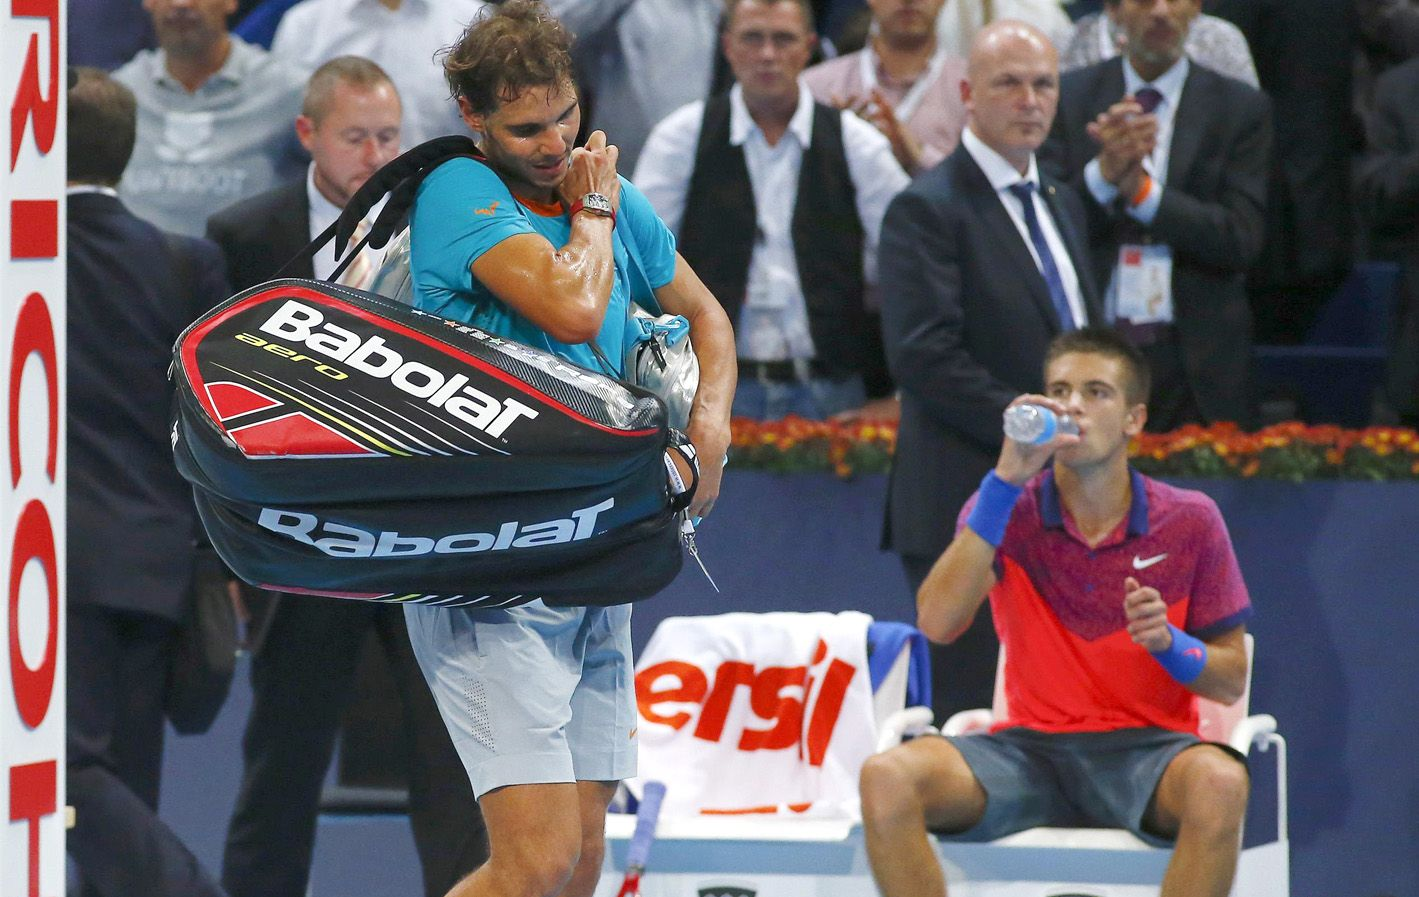 Adiós. Nadal se retira tras la sorpresiva derrota ante el croata Coric en los cuartos del ATP 500 de Basilea.